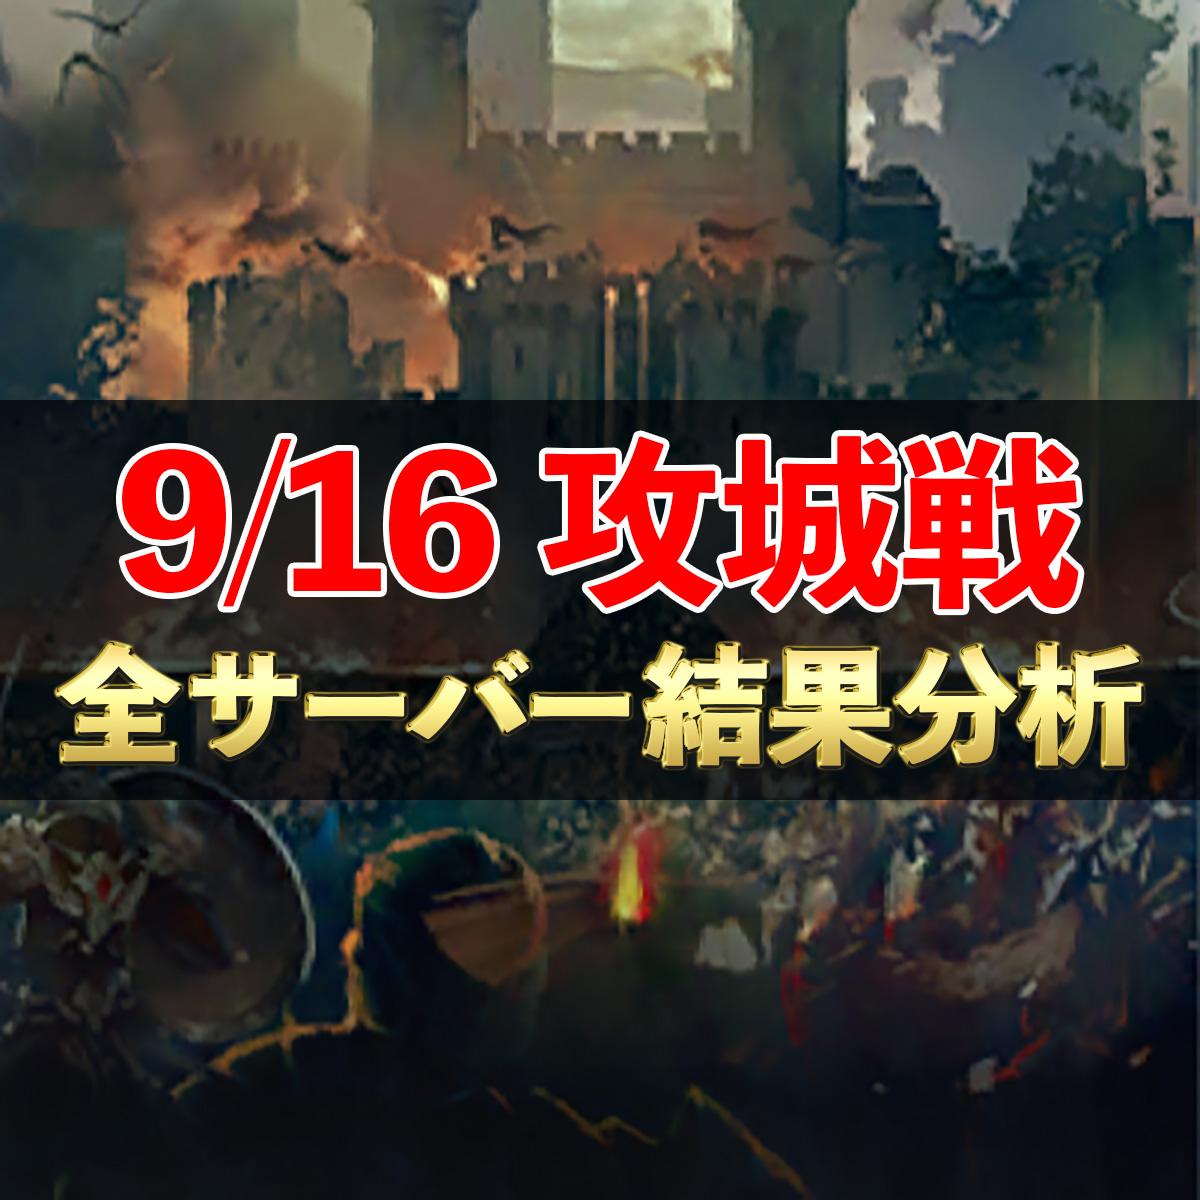 9/16 全サーバーの攻城戦結果の分析と考察